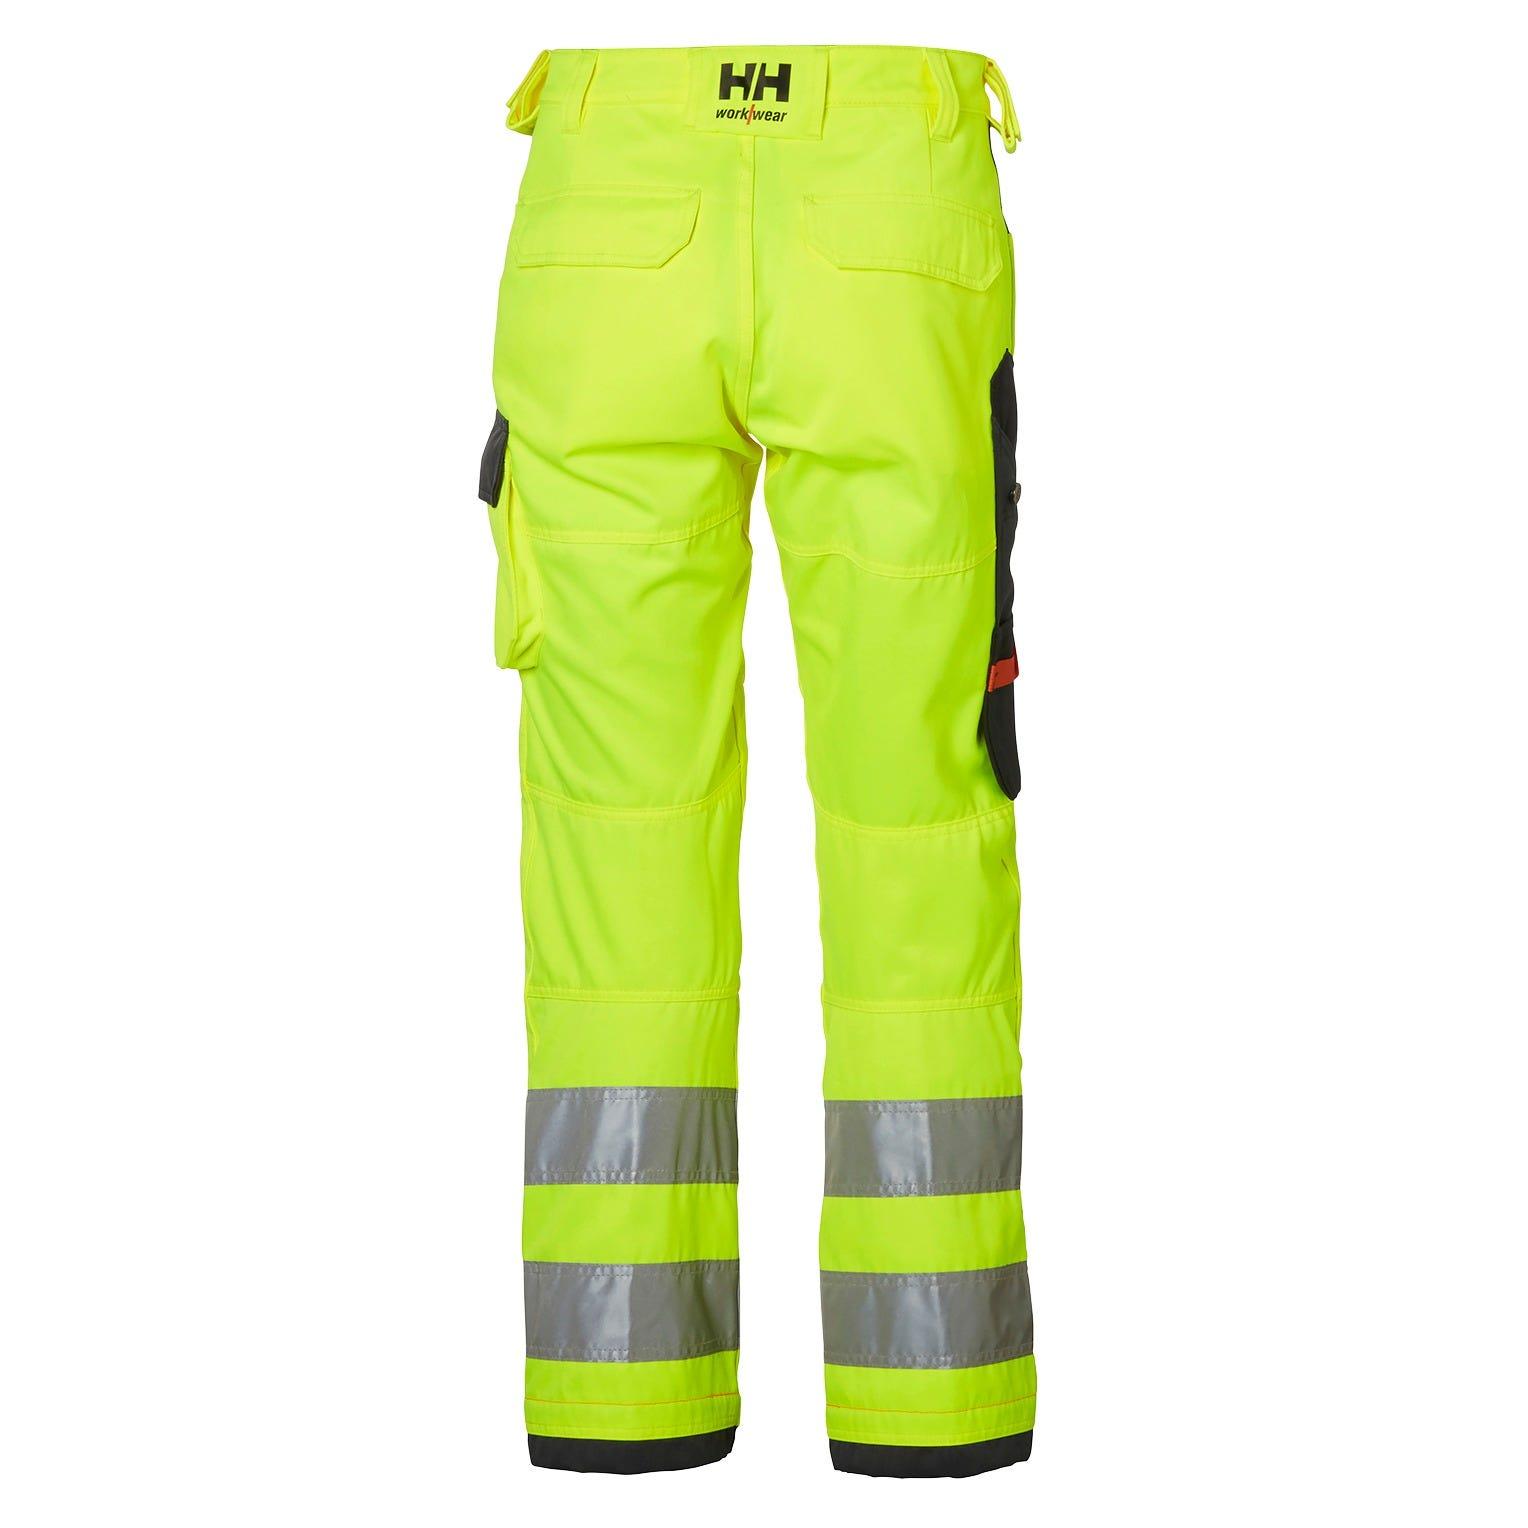 Helly Hansen Werkbroeken Alna 77411 High Vis fluo geel-antracietgrijs(369)